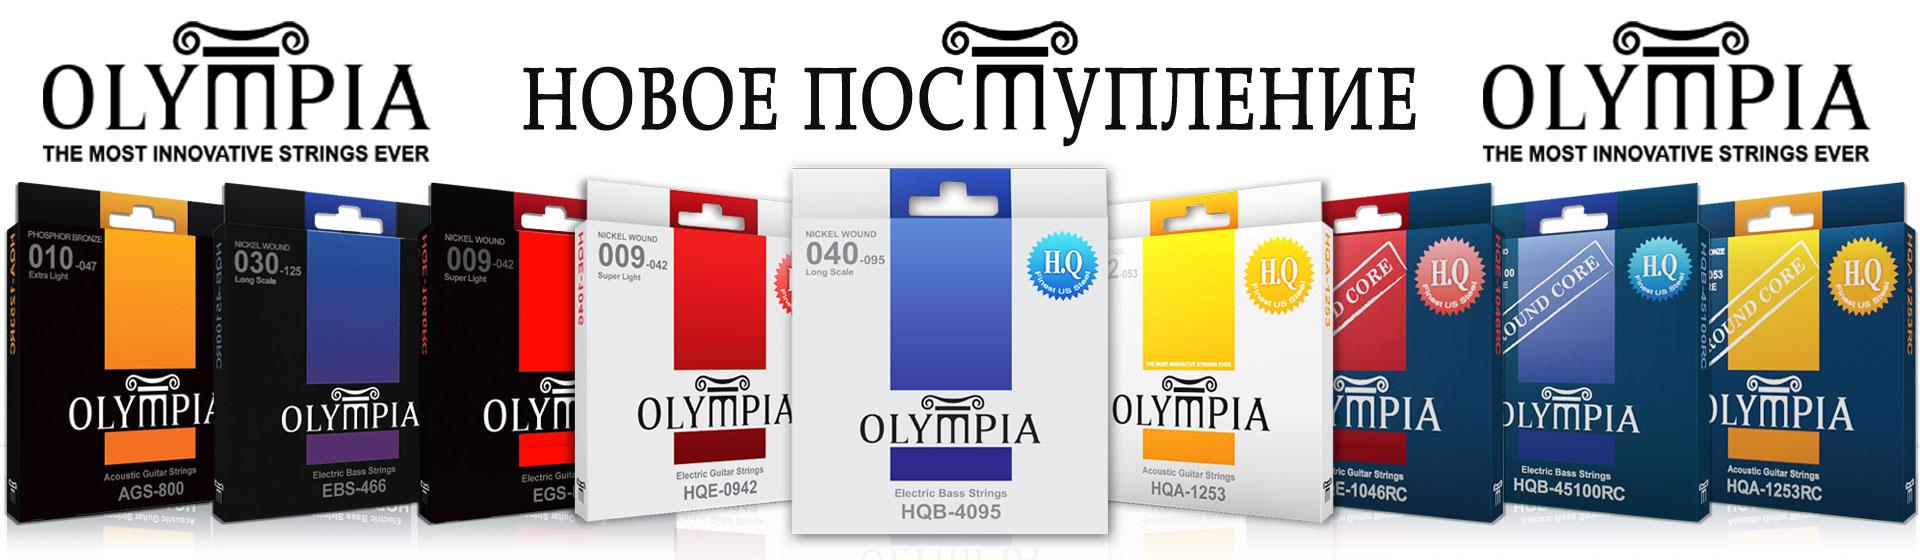 OLYMPIA - новое поступление